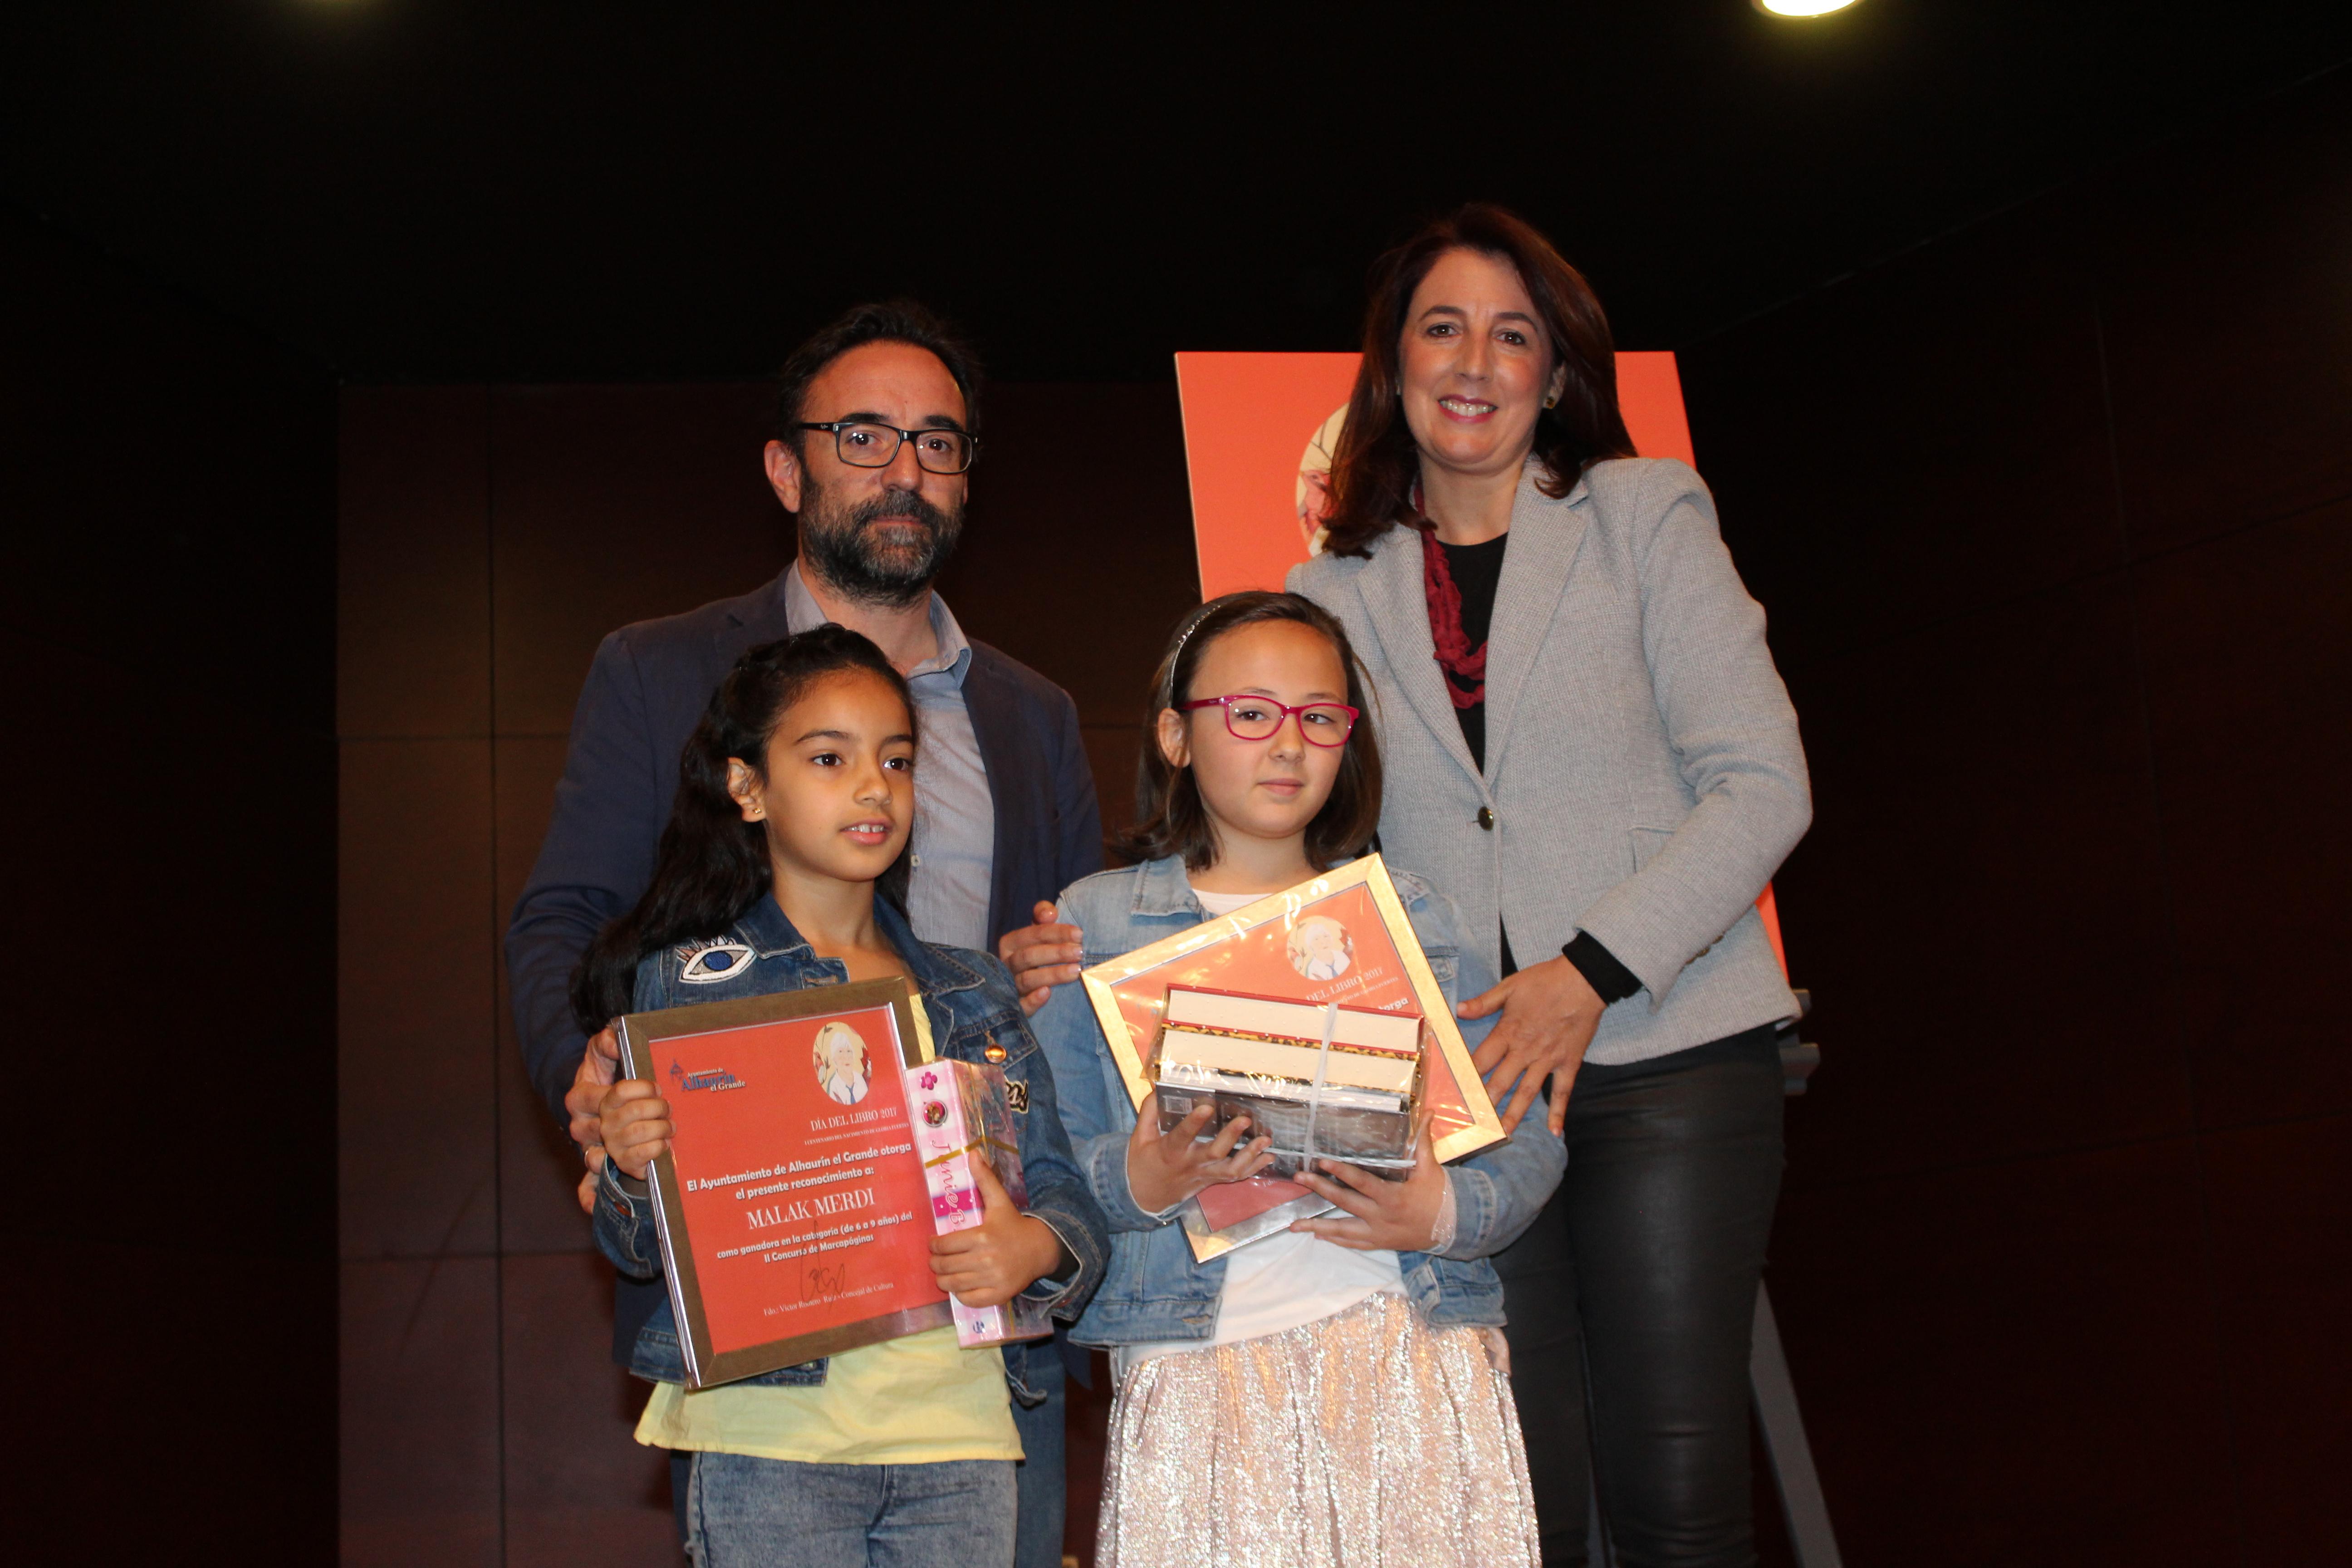 Alhaurín el Grande – Se celebra la Maratón de Lectura homenaje a Gloria Fuertes